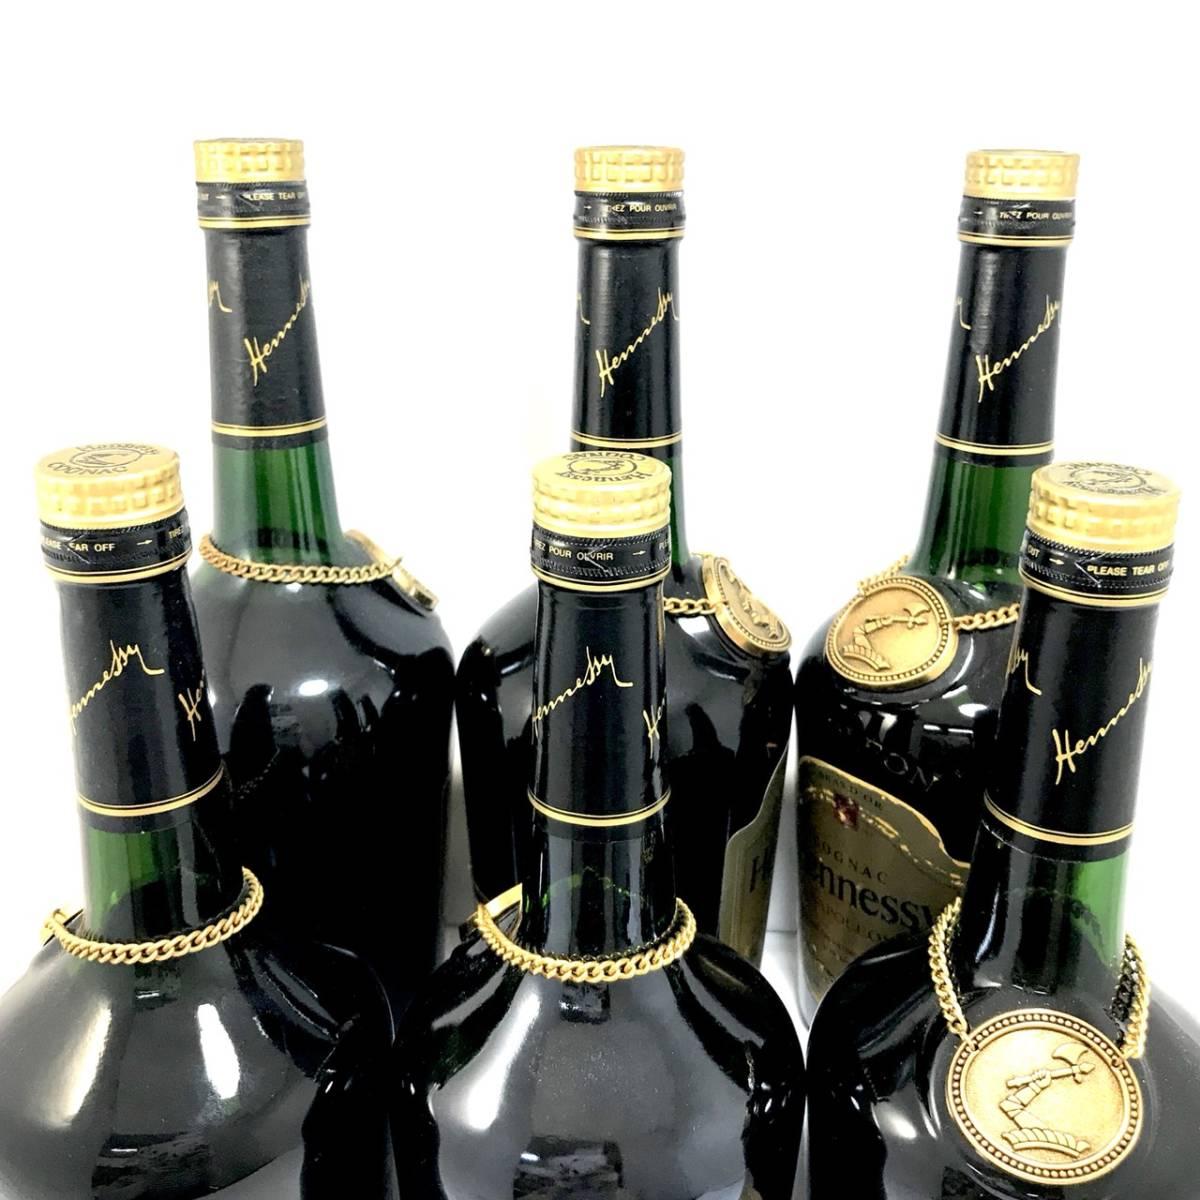 古酒 - Hennessy NAPOLEON BRASD'OR/ヘネシー ナポレオン ブラスドール 16本セット 700ml 40% ブランデー コニャック 未開栓_画像10